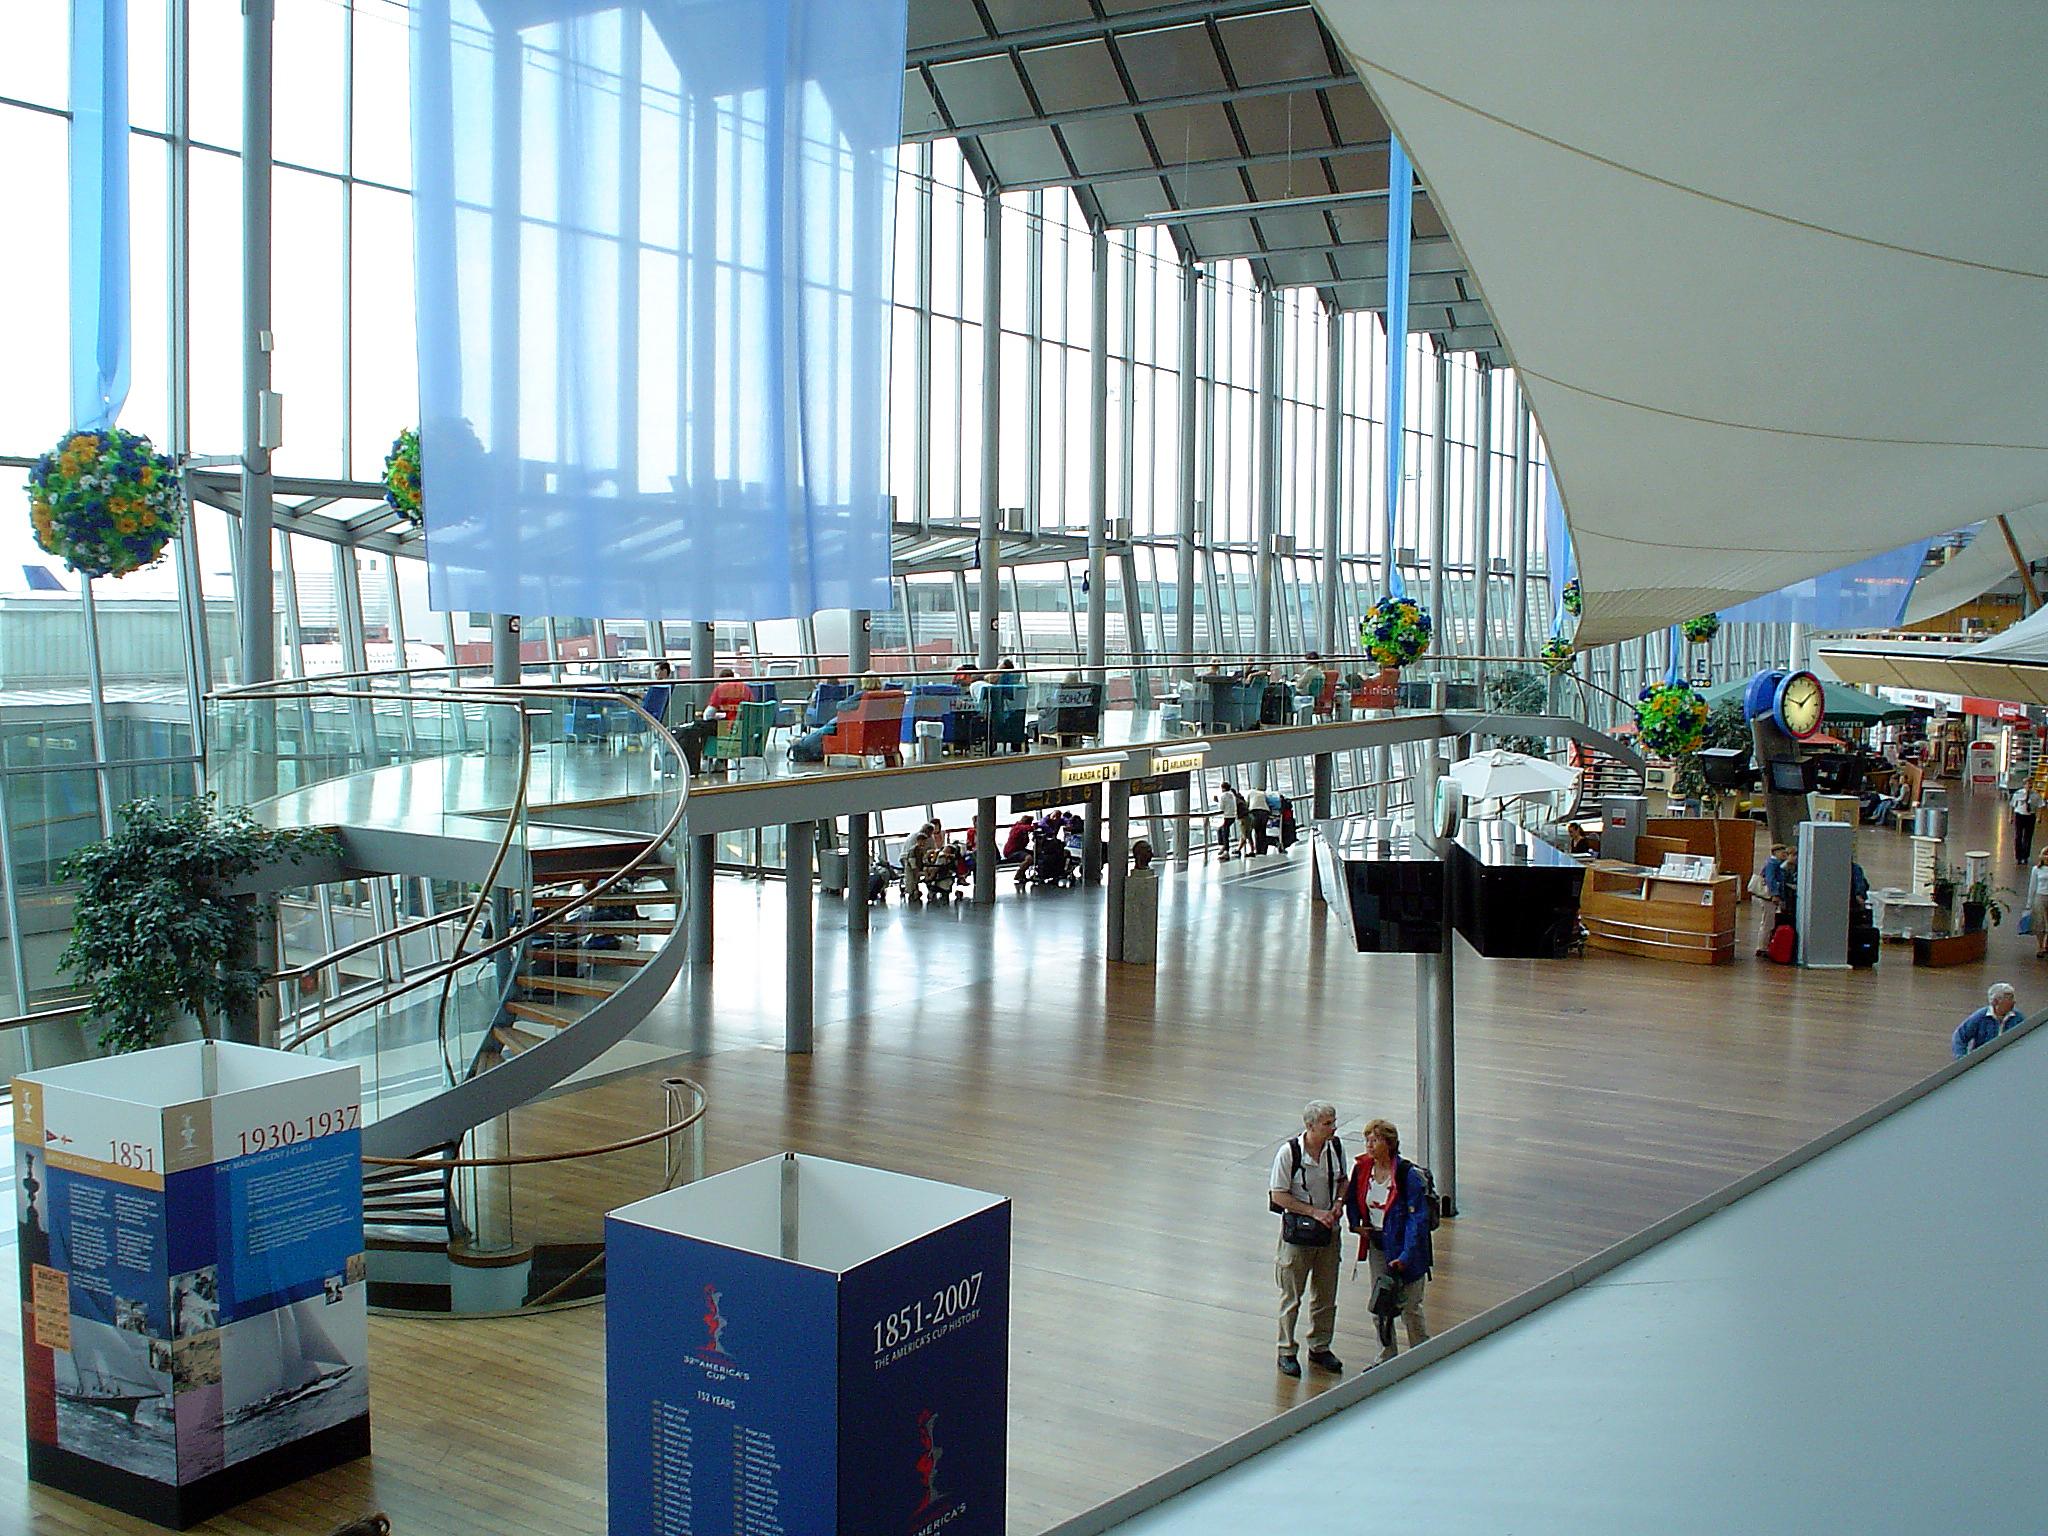 Три главных шведских аэропорта - это Арланда (обслуживает Стокгольм и Упсалу), Ландветтер (Гётеборг) и Стуруп (Мальме)...